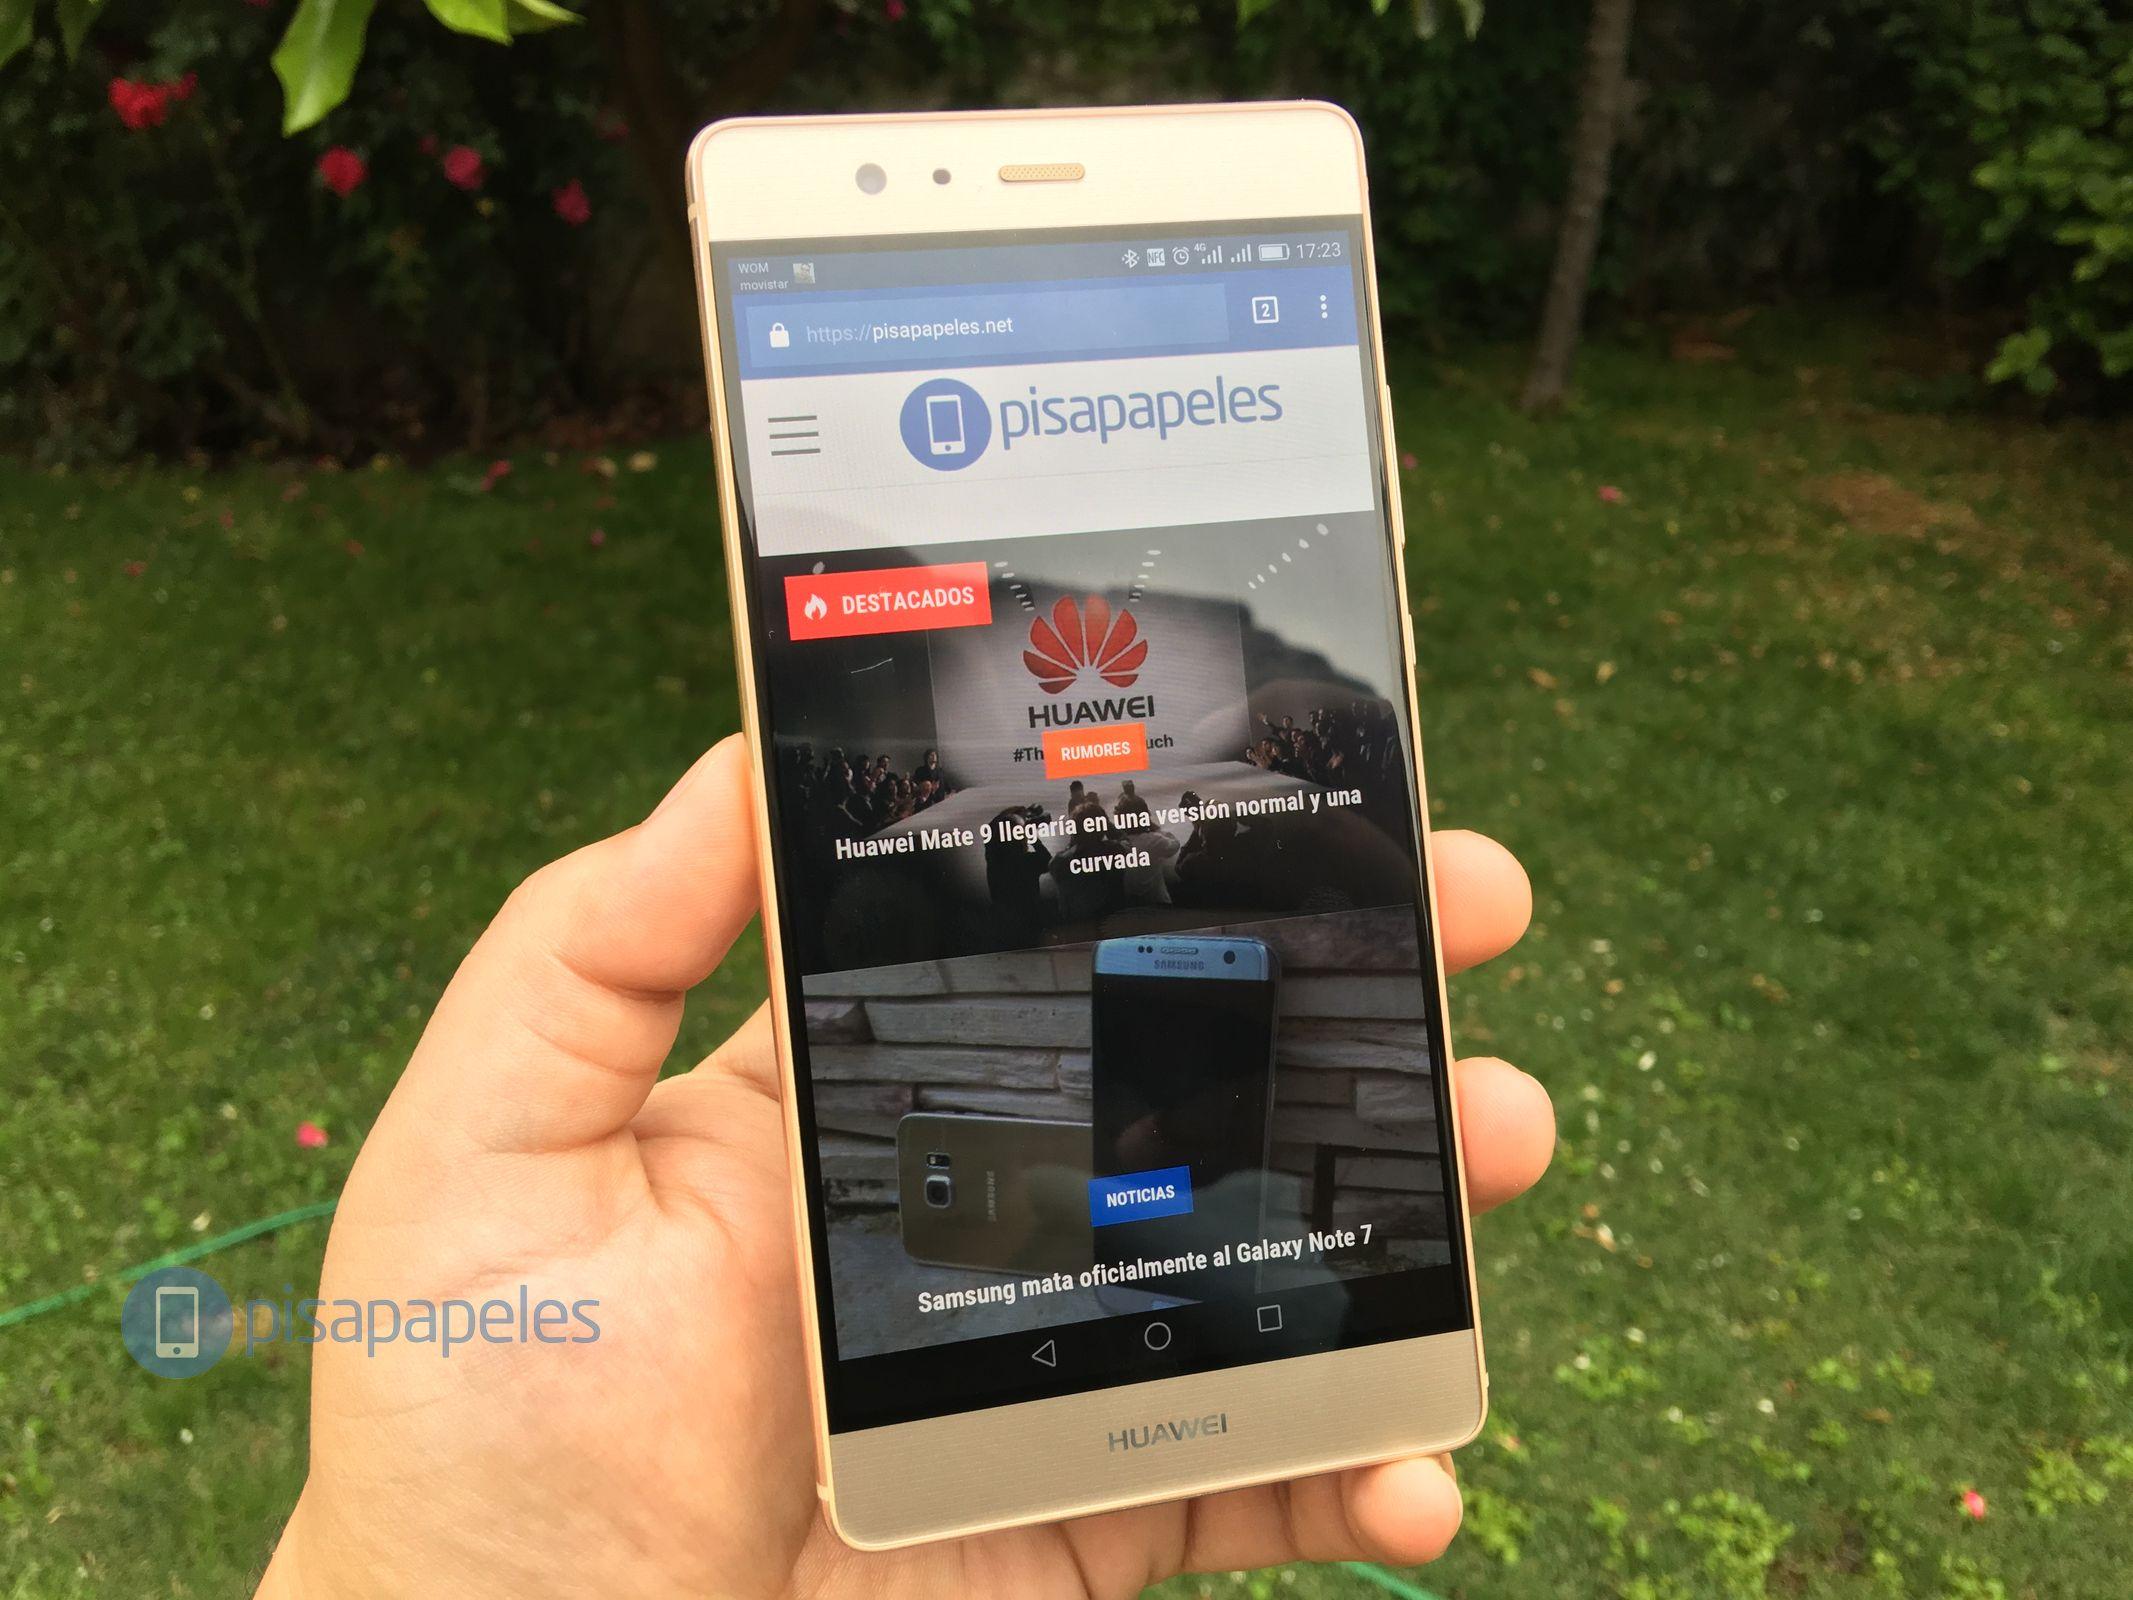 Huawei-P9-плюс-папье-сеть